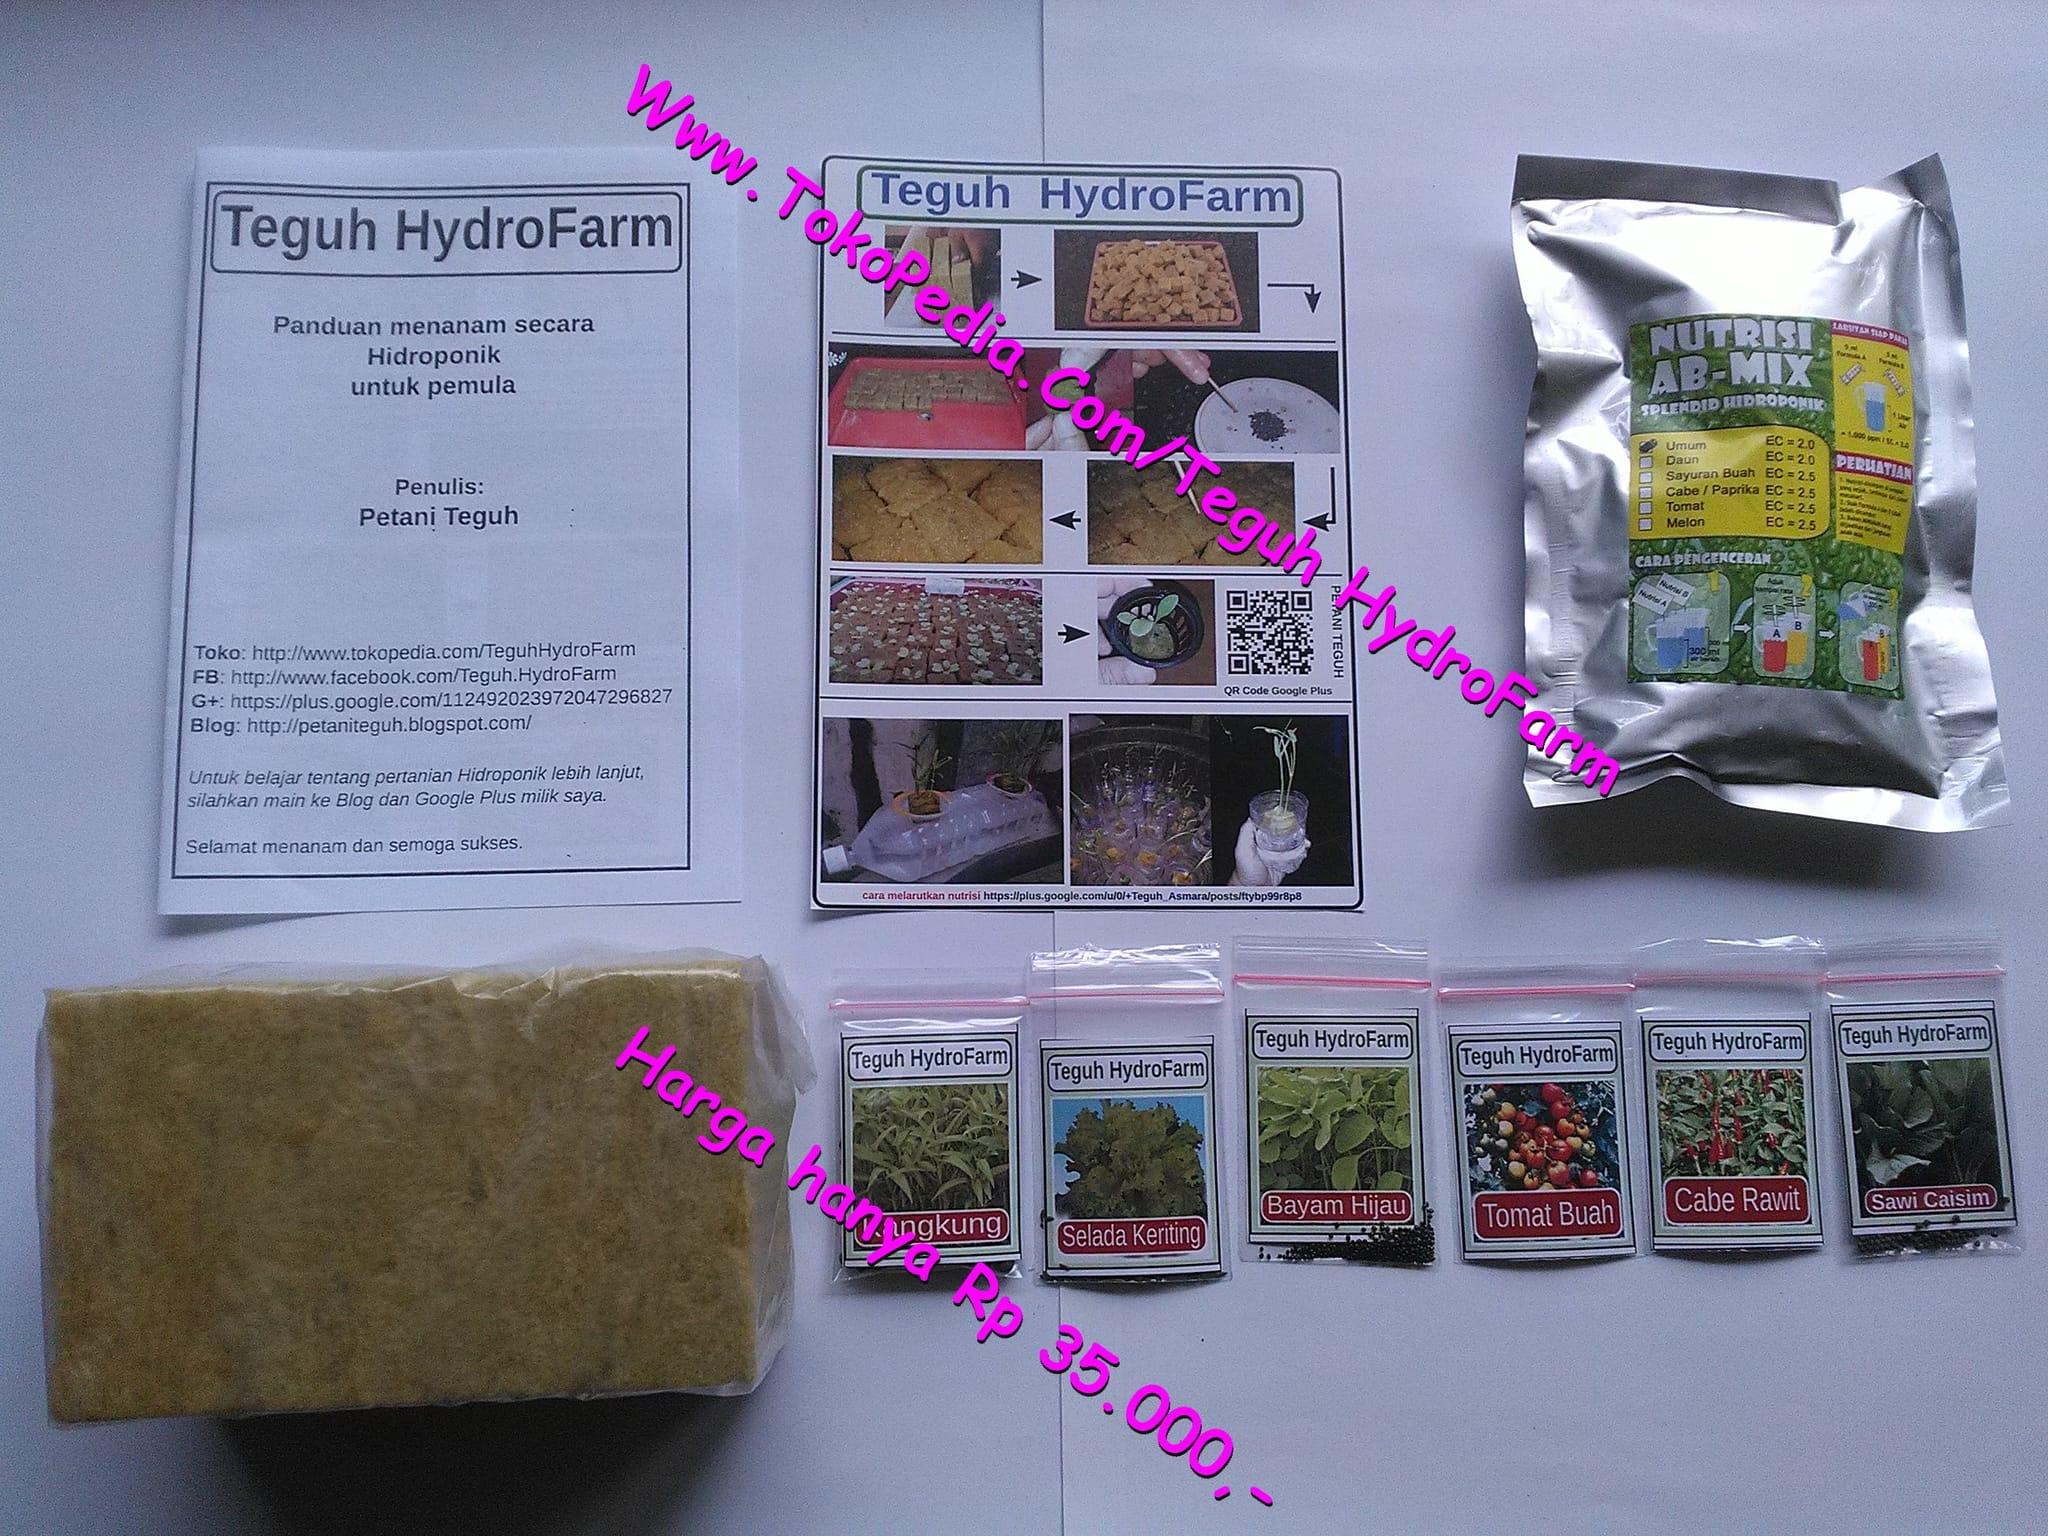 Jual Paket Pemula Hidroponik Nutrisi Ab Mix 100l Rockwoll Bonus Benih Tanaman Buah Teguh Hydrofarm Tokopedia